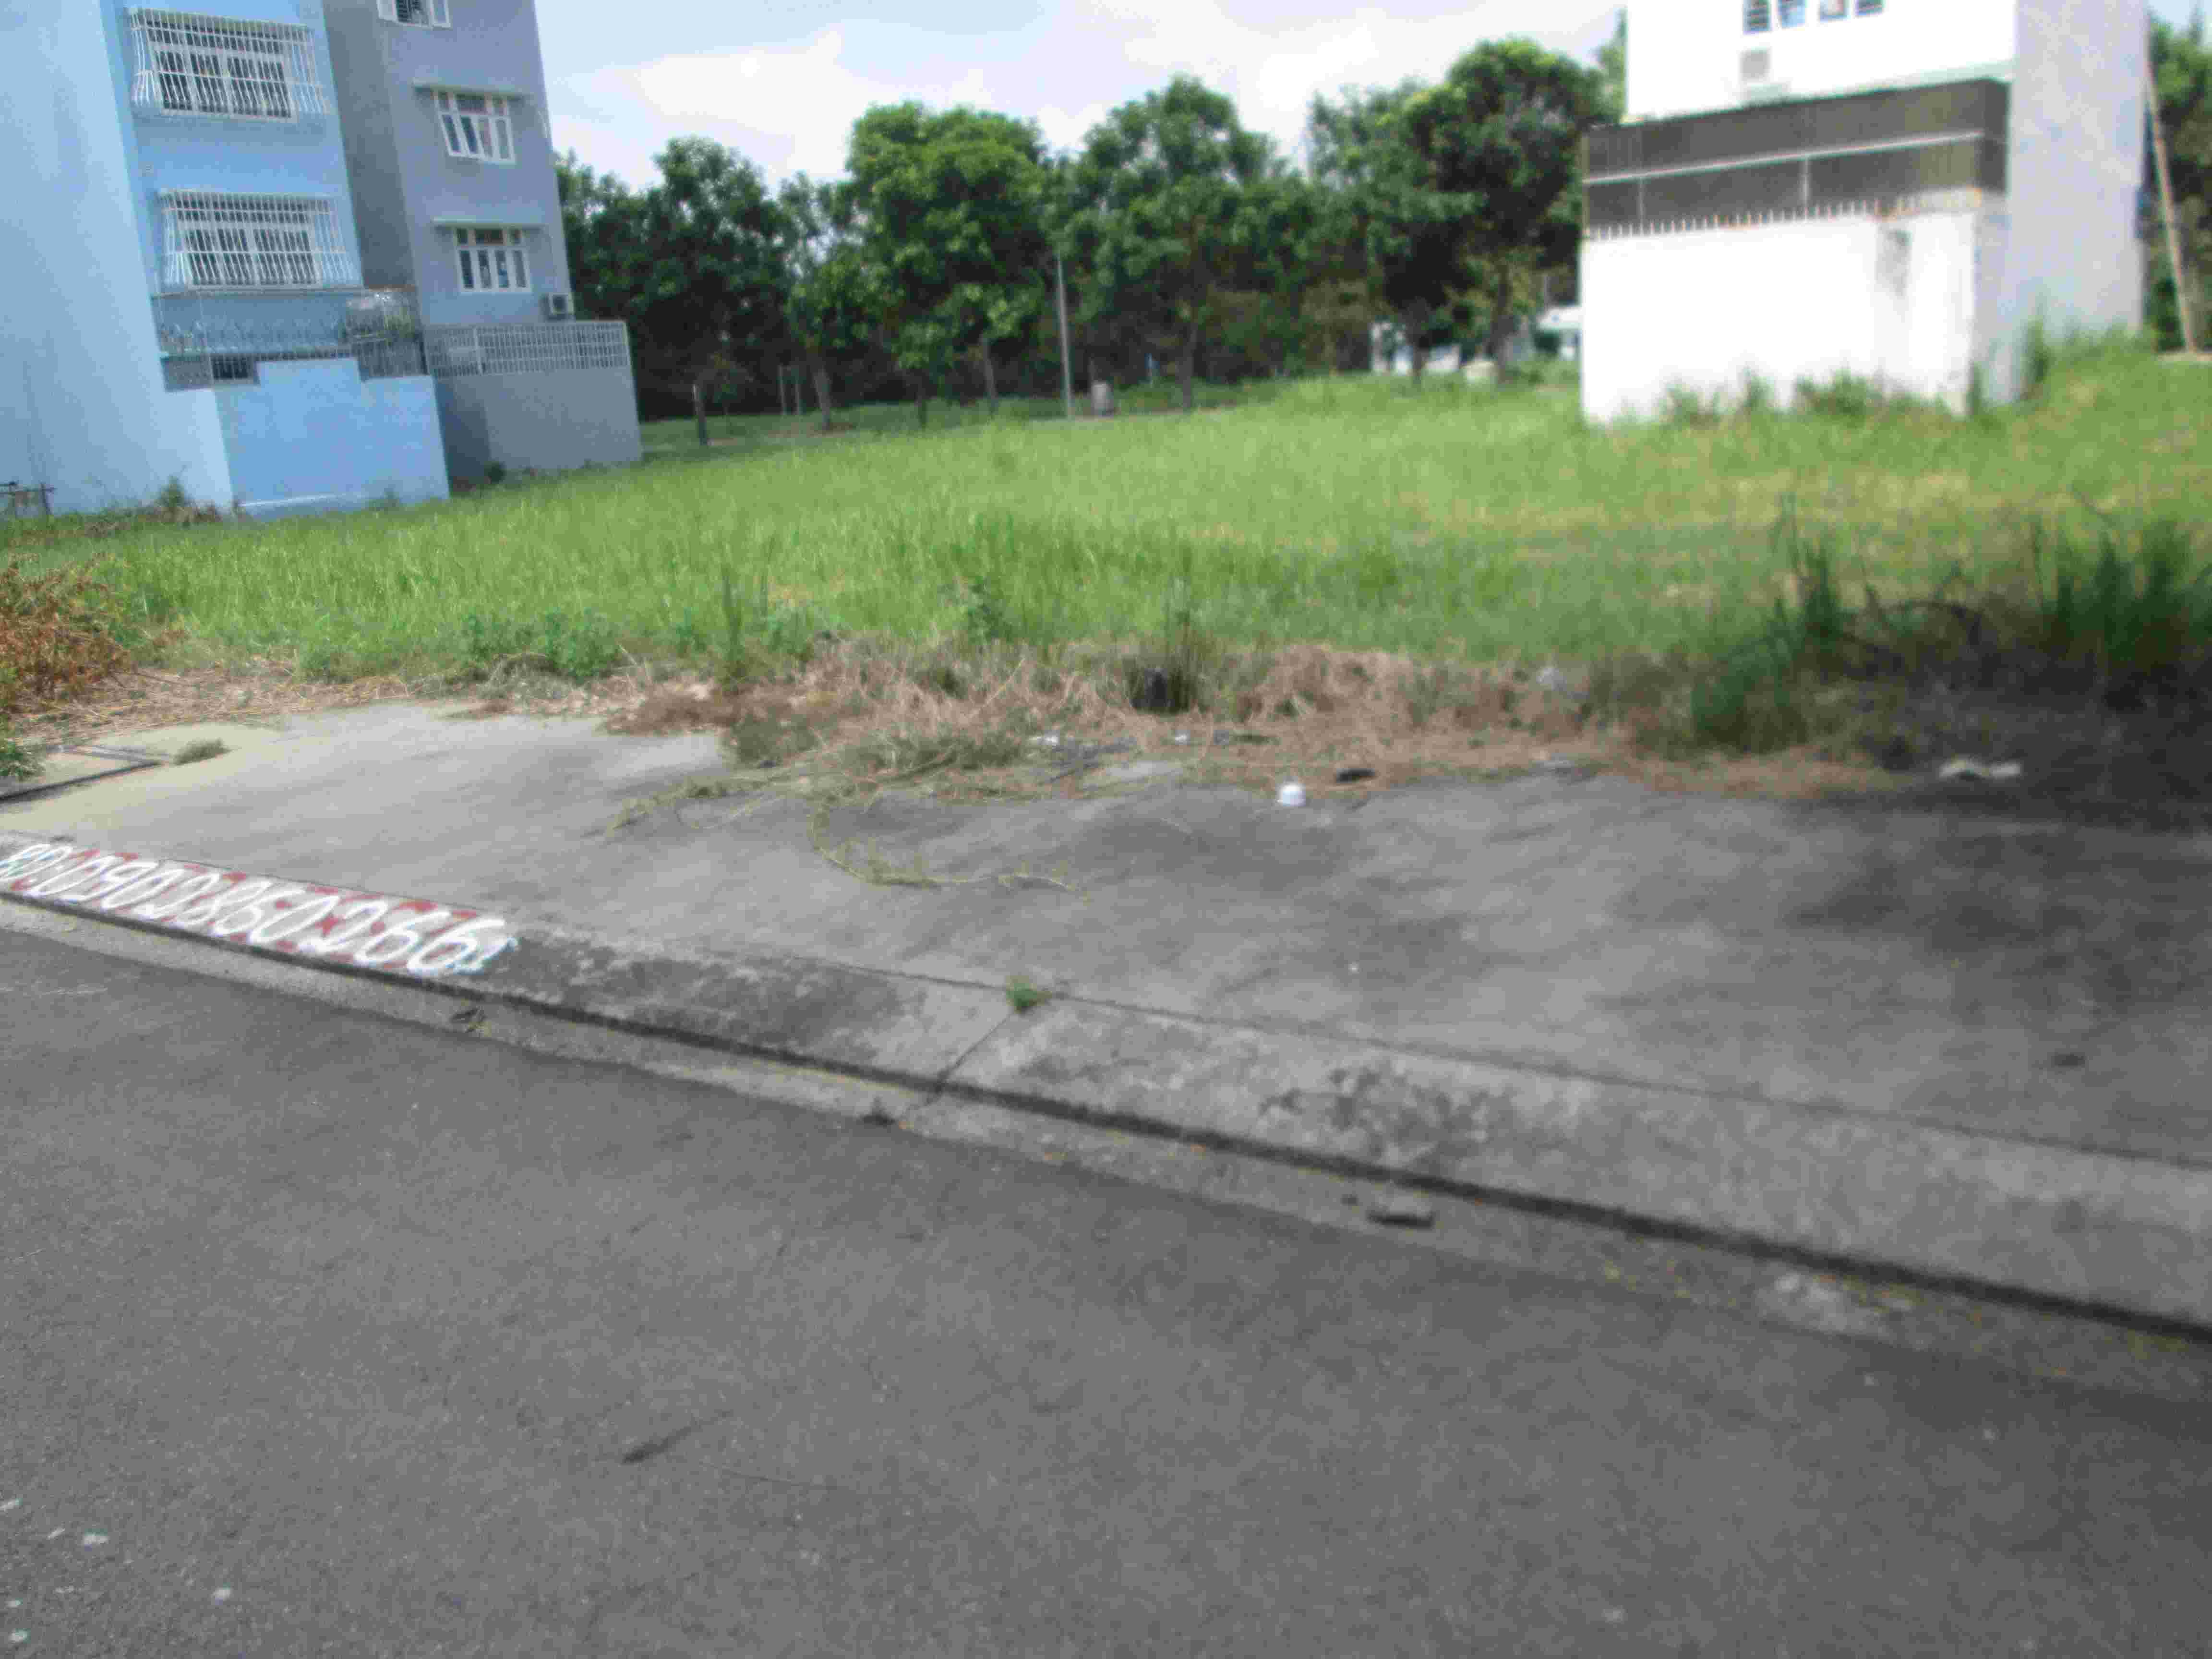 Cần bán gấp đất nền nhà phố Sadeco Phước Kiển 1, lô góc 2 mt đường 16m, nền I21, diện tích 117m2,  giá 8.2 tỷ